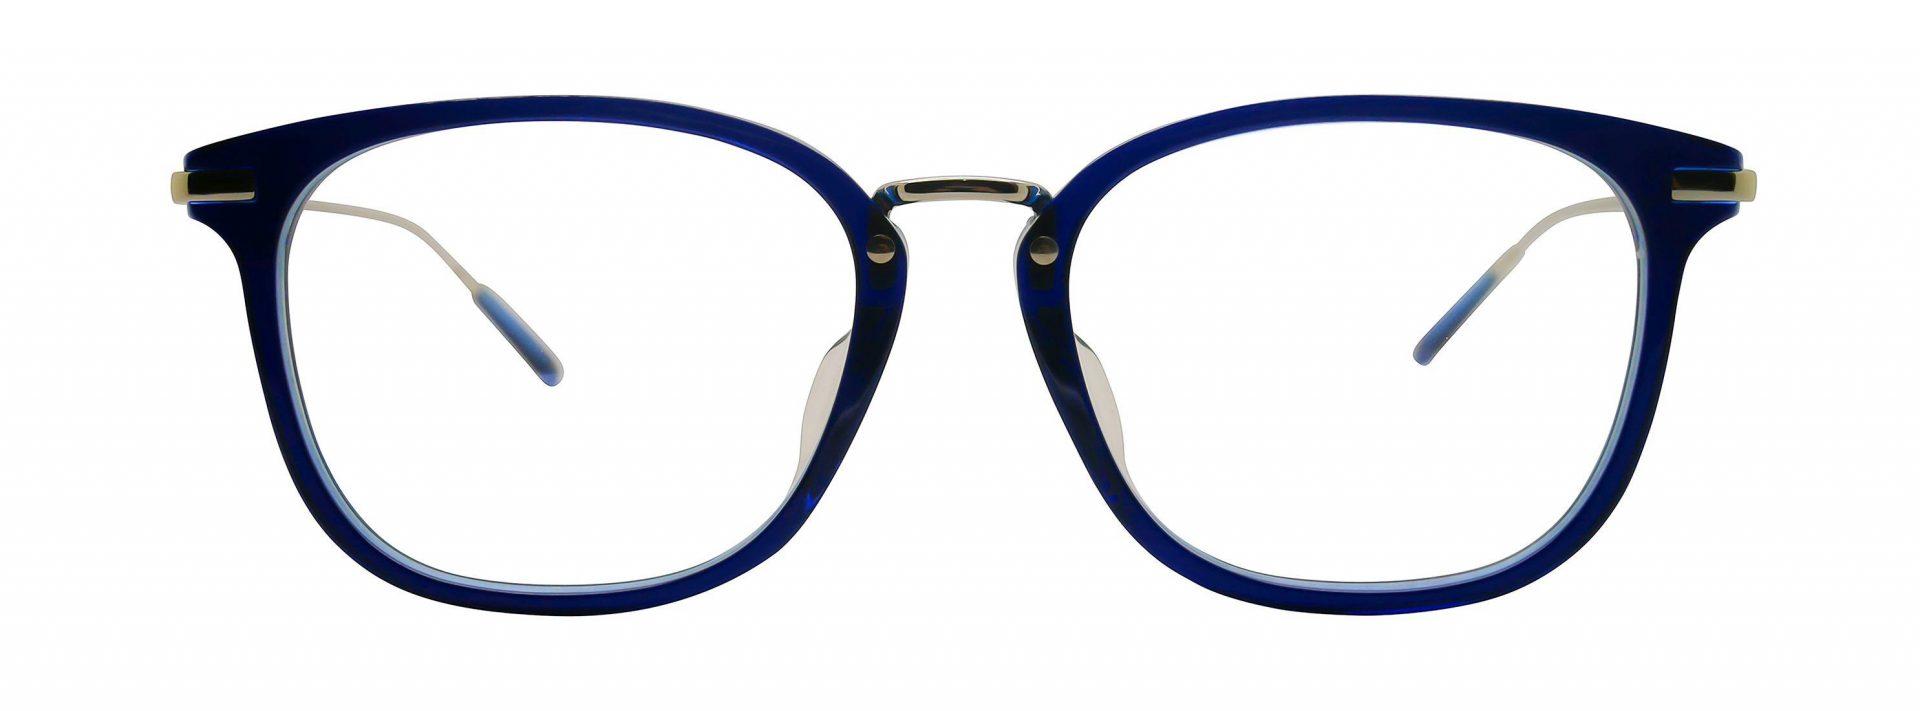 Elle Spectacles 14385 01